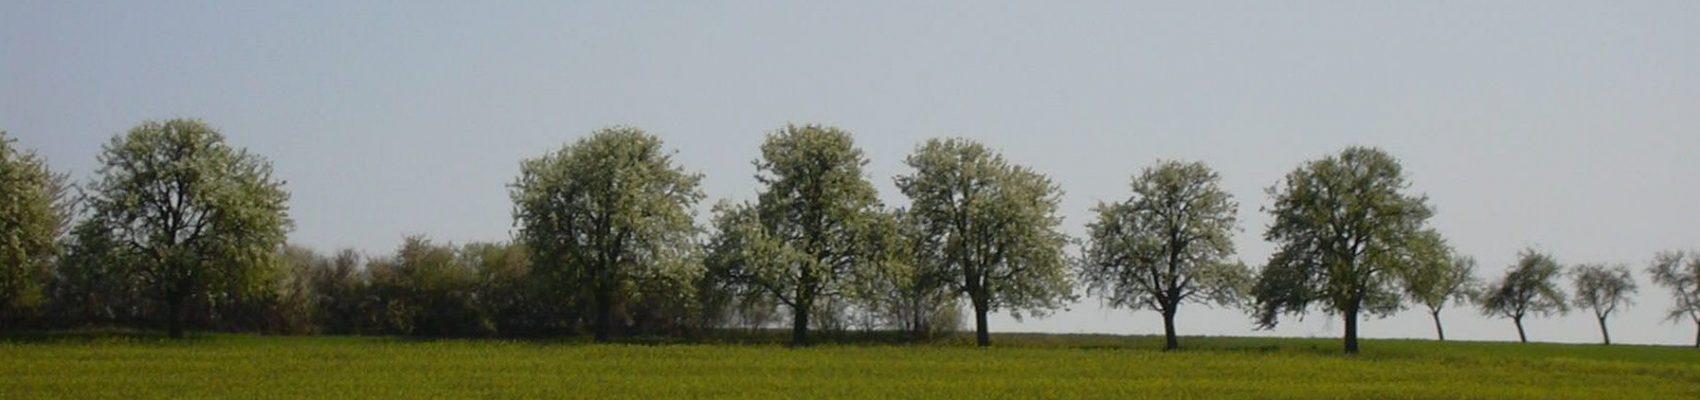 Auf dem Bild sind Bäume auf einer Streuobstwiese zu sehen.